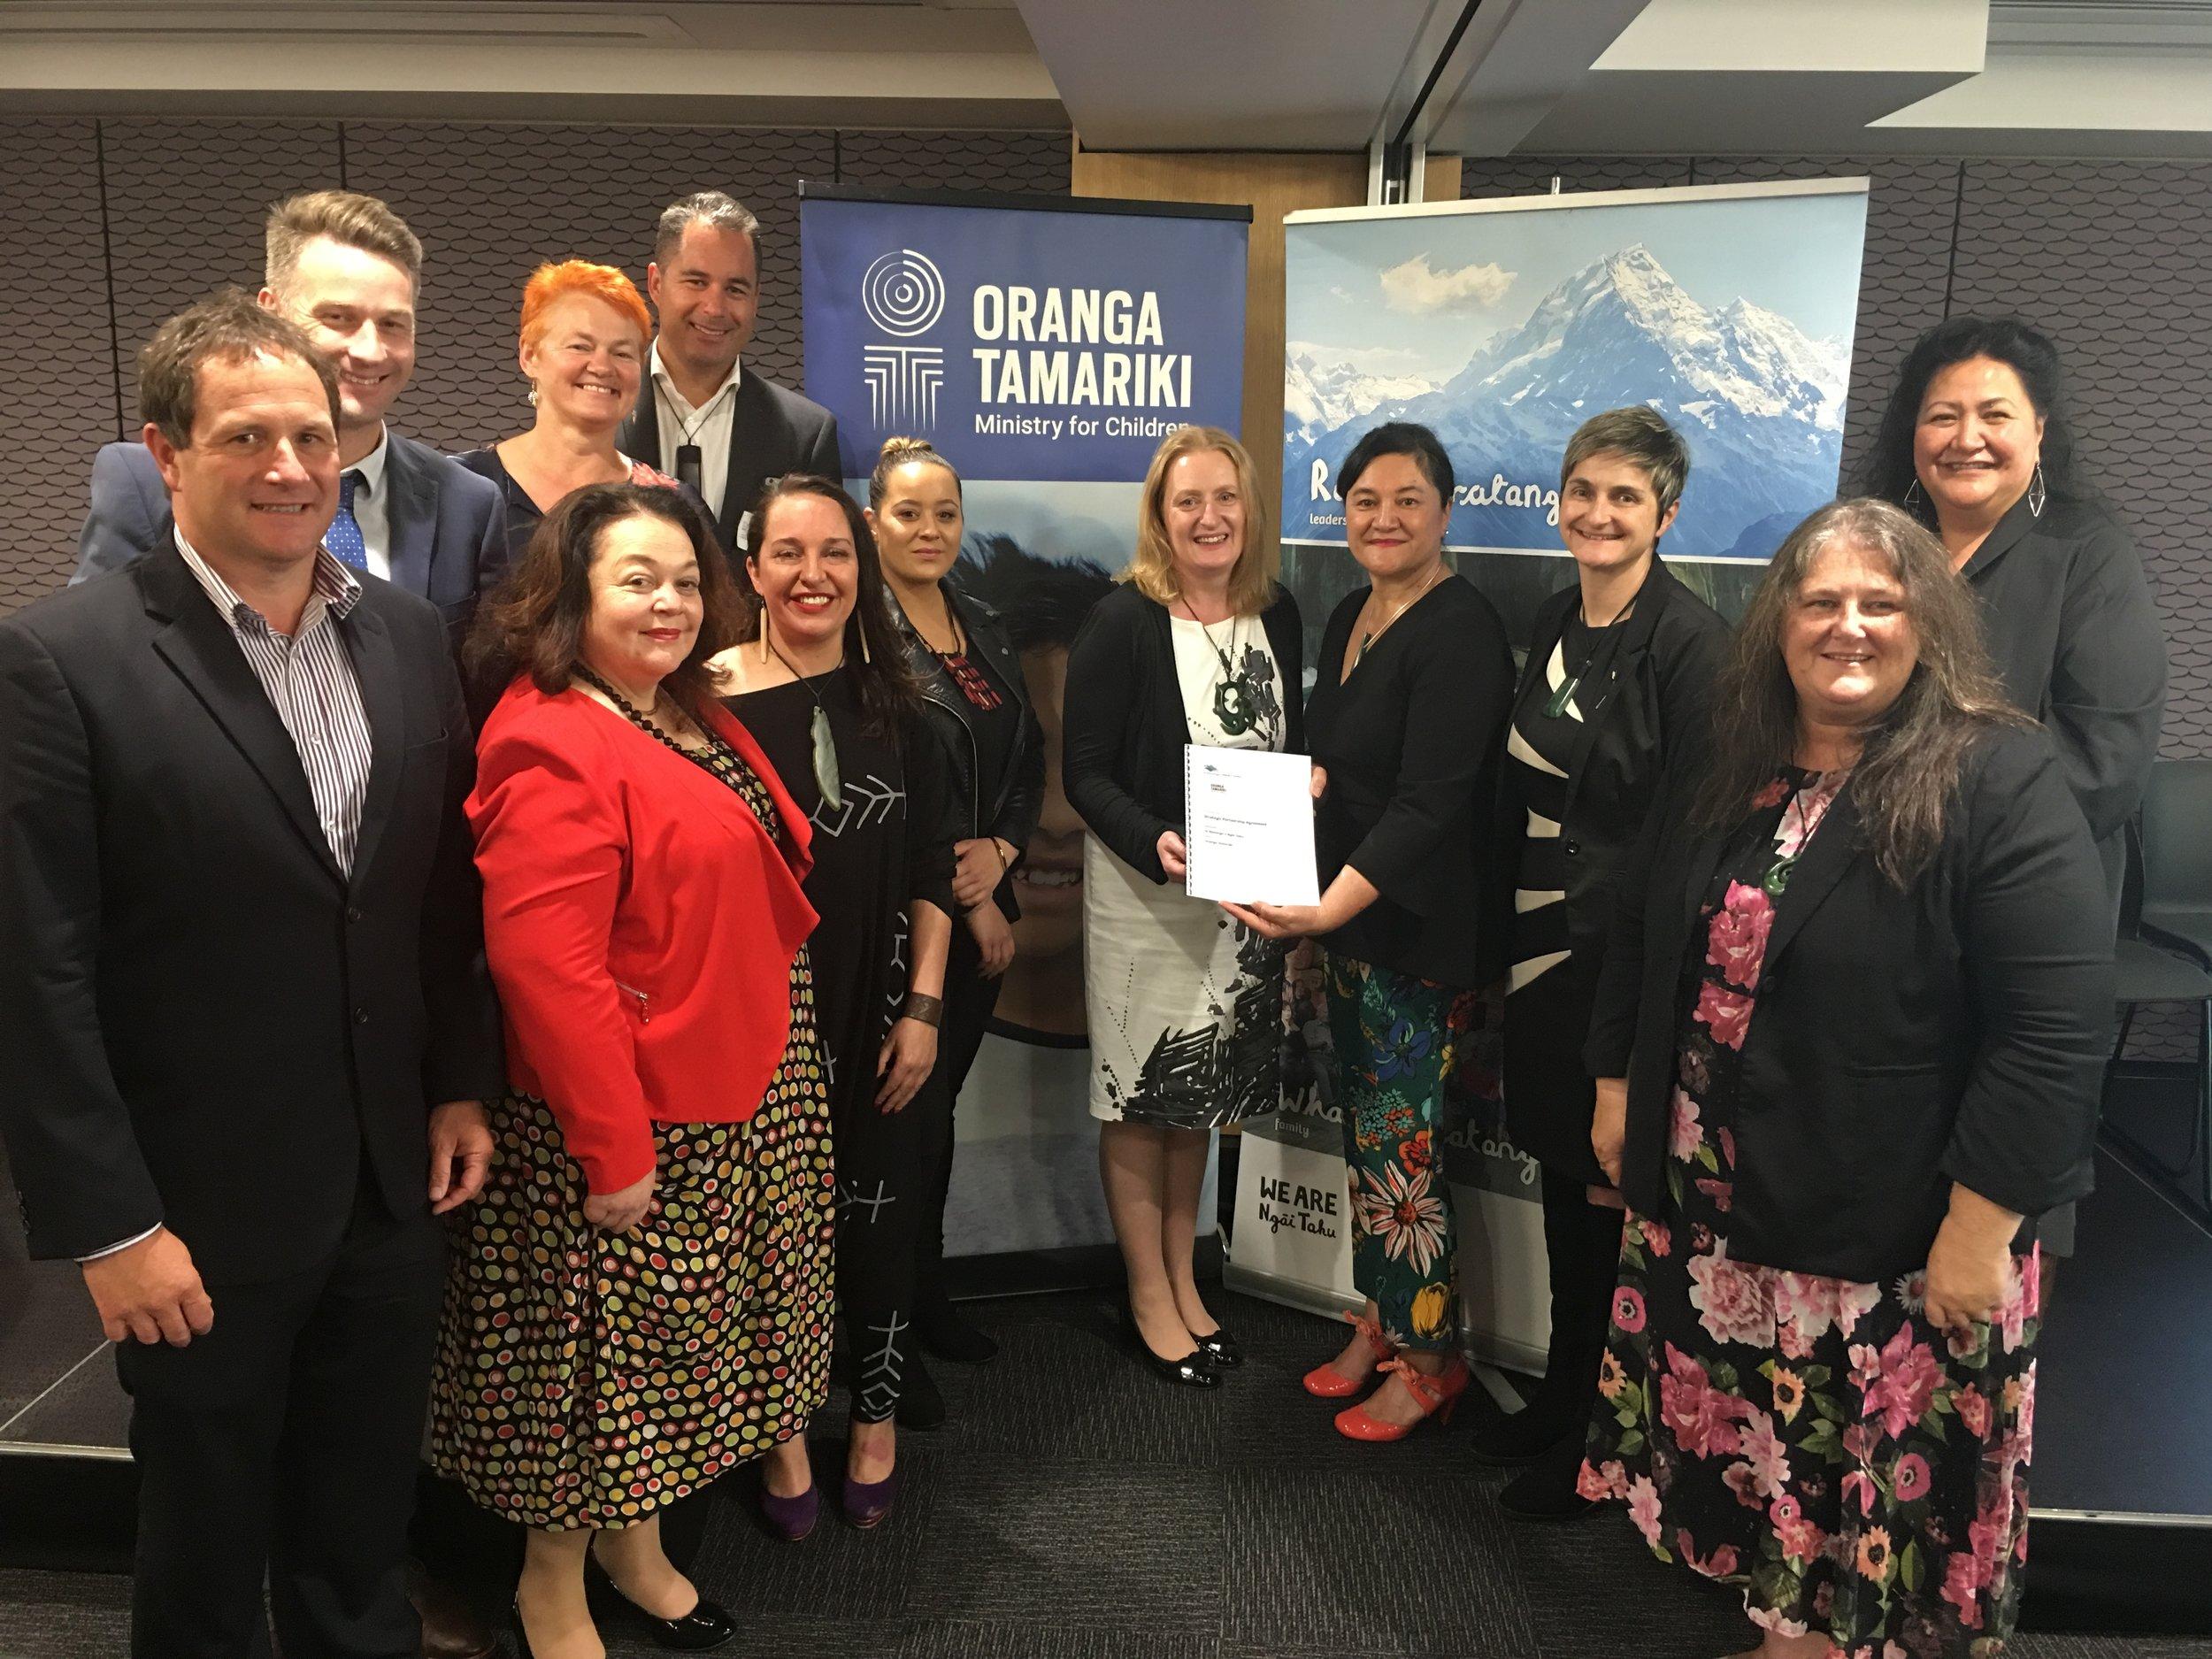 The team from Oranga Tamariki and Te Runanga o Ngai Tahu that came together for the signing of the strategic partnership.